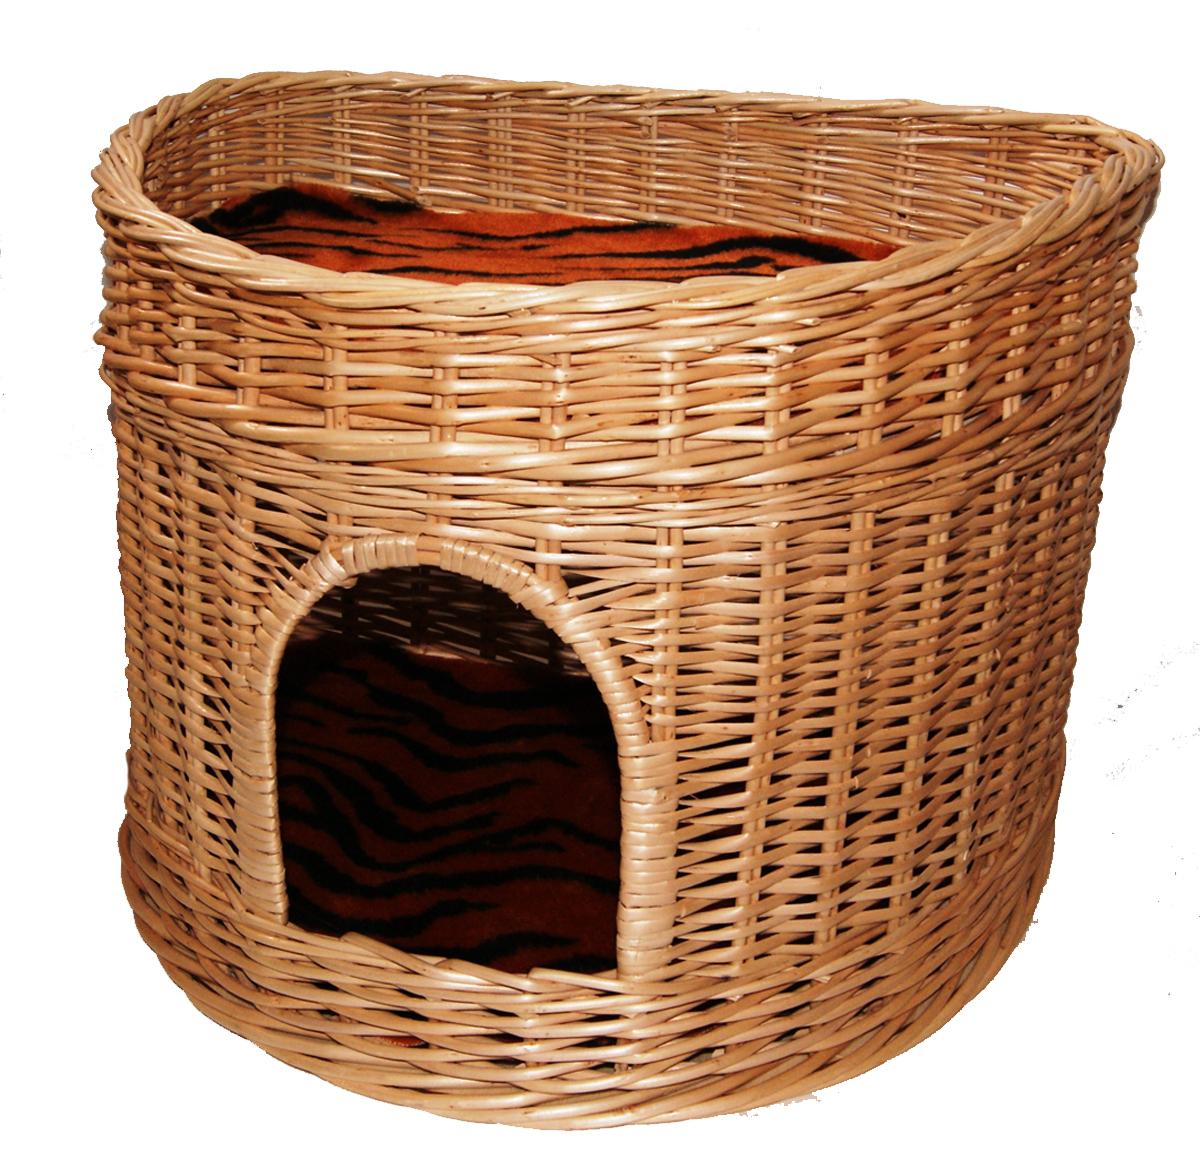 Домик для кошек Меридиан, 2-ярусный, цвет: тигровый, 55 х 40 х 42 см домик когтеточка меридиан квадратный 2 ярусный с игрушкой цвет белый черный бежевый 50 х 36 х 75 см